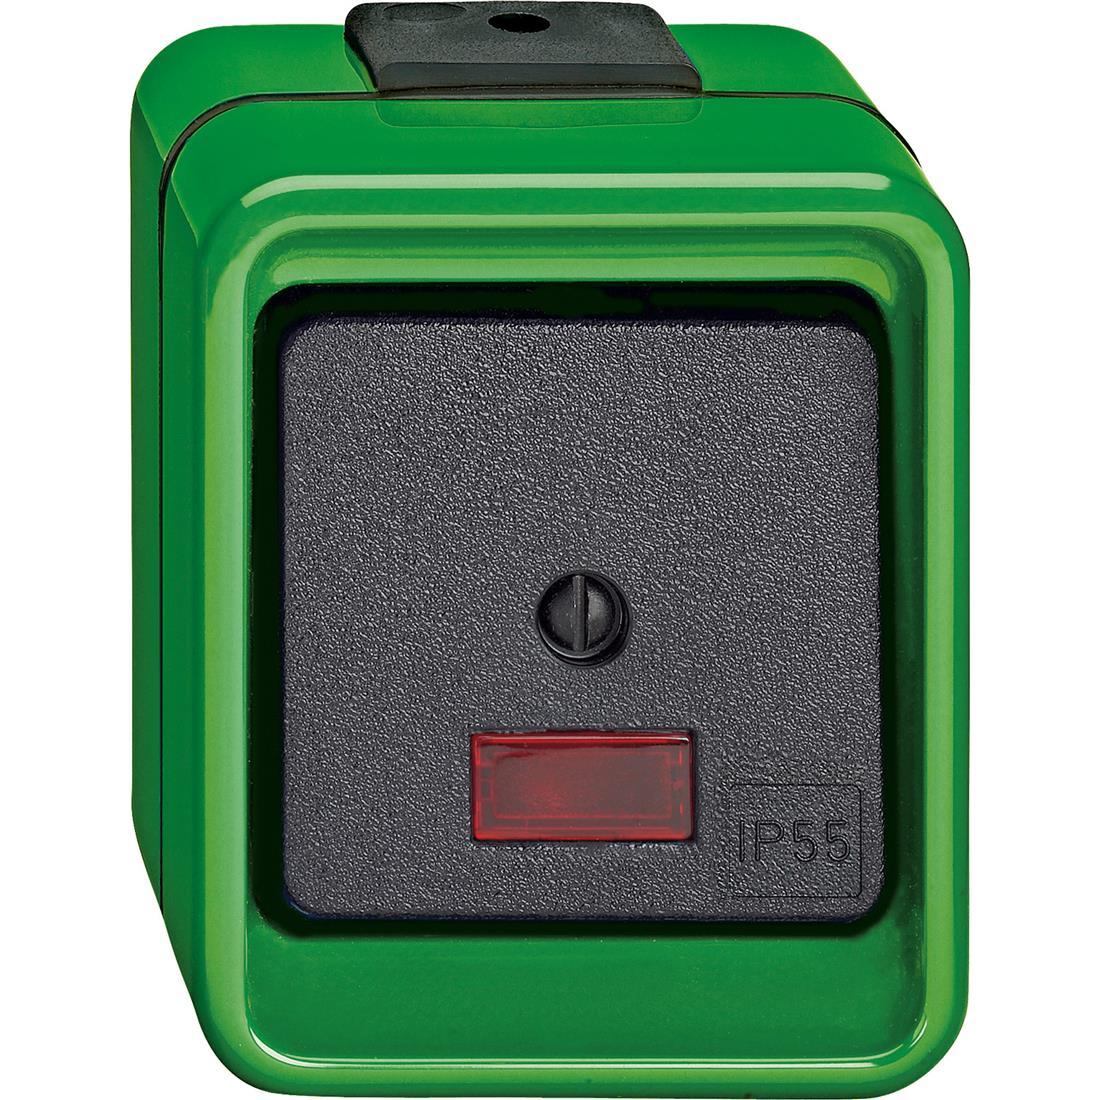 Schneider-Merten Agrar impulsdrukker wissel - groen (375977)